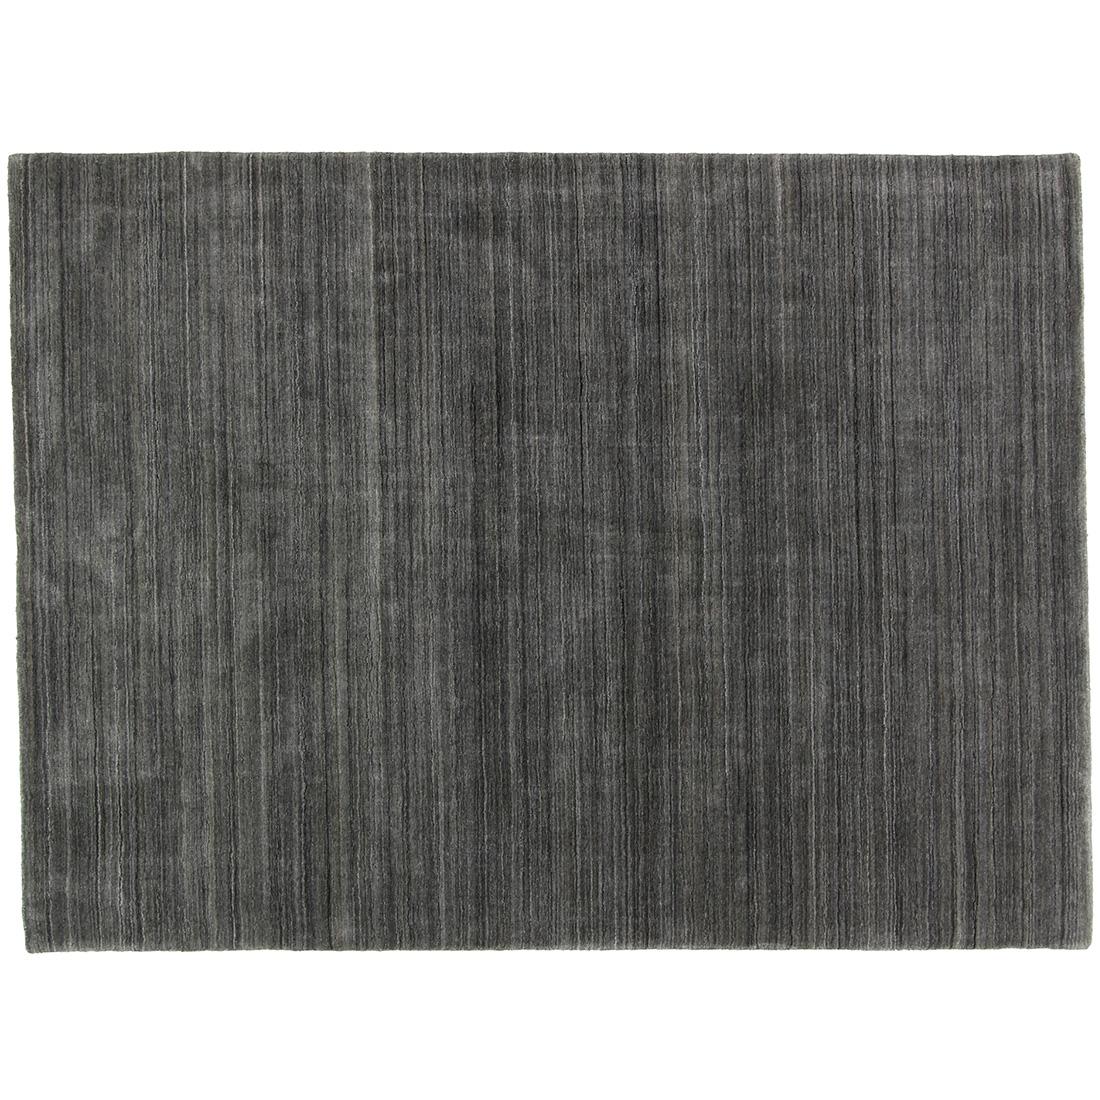 Vloerkleed Brinker Palermo Castle Grey | 200 x 300 cm